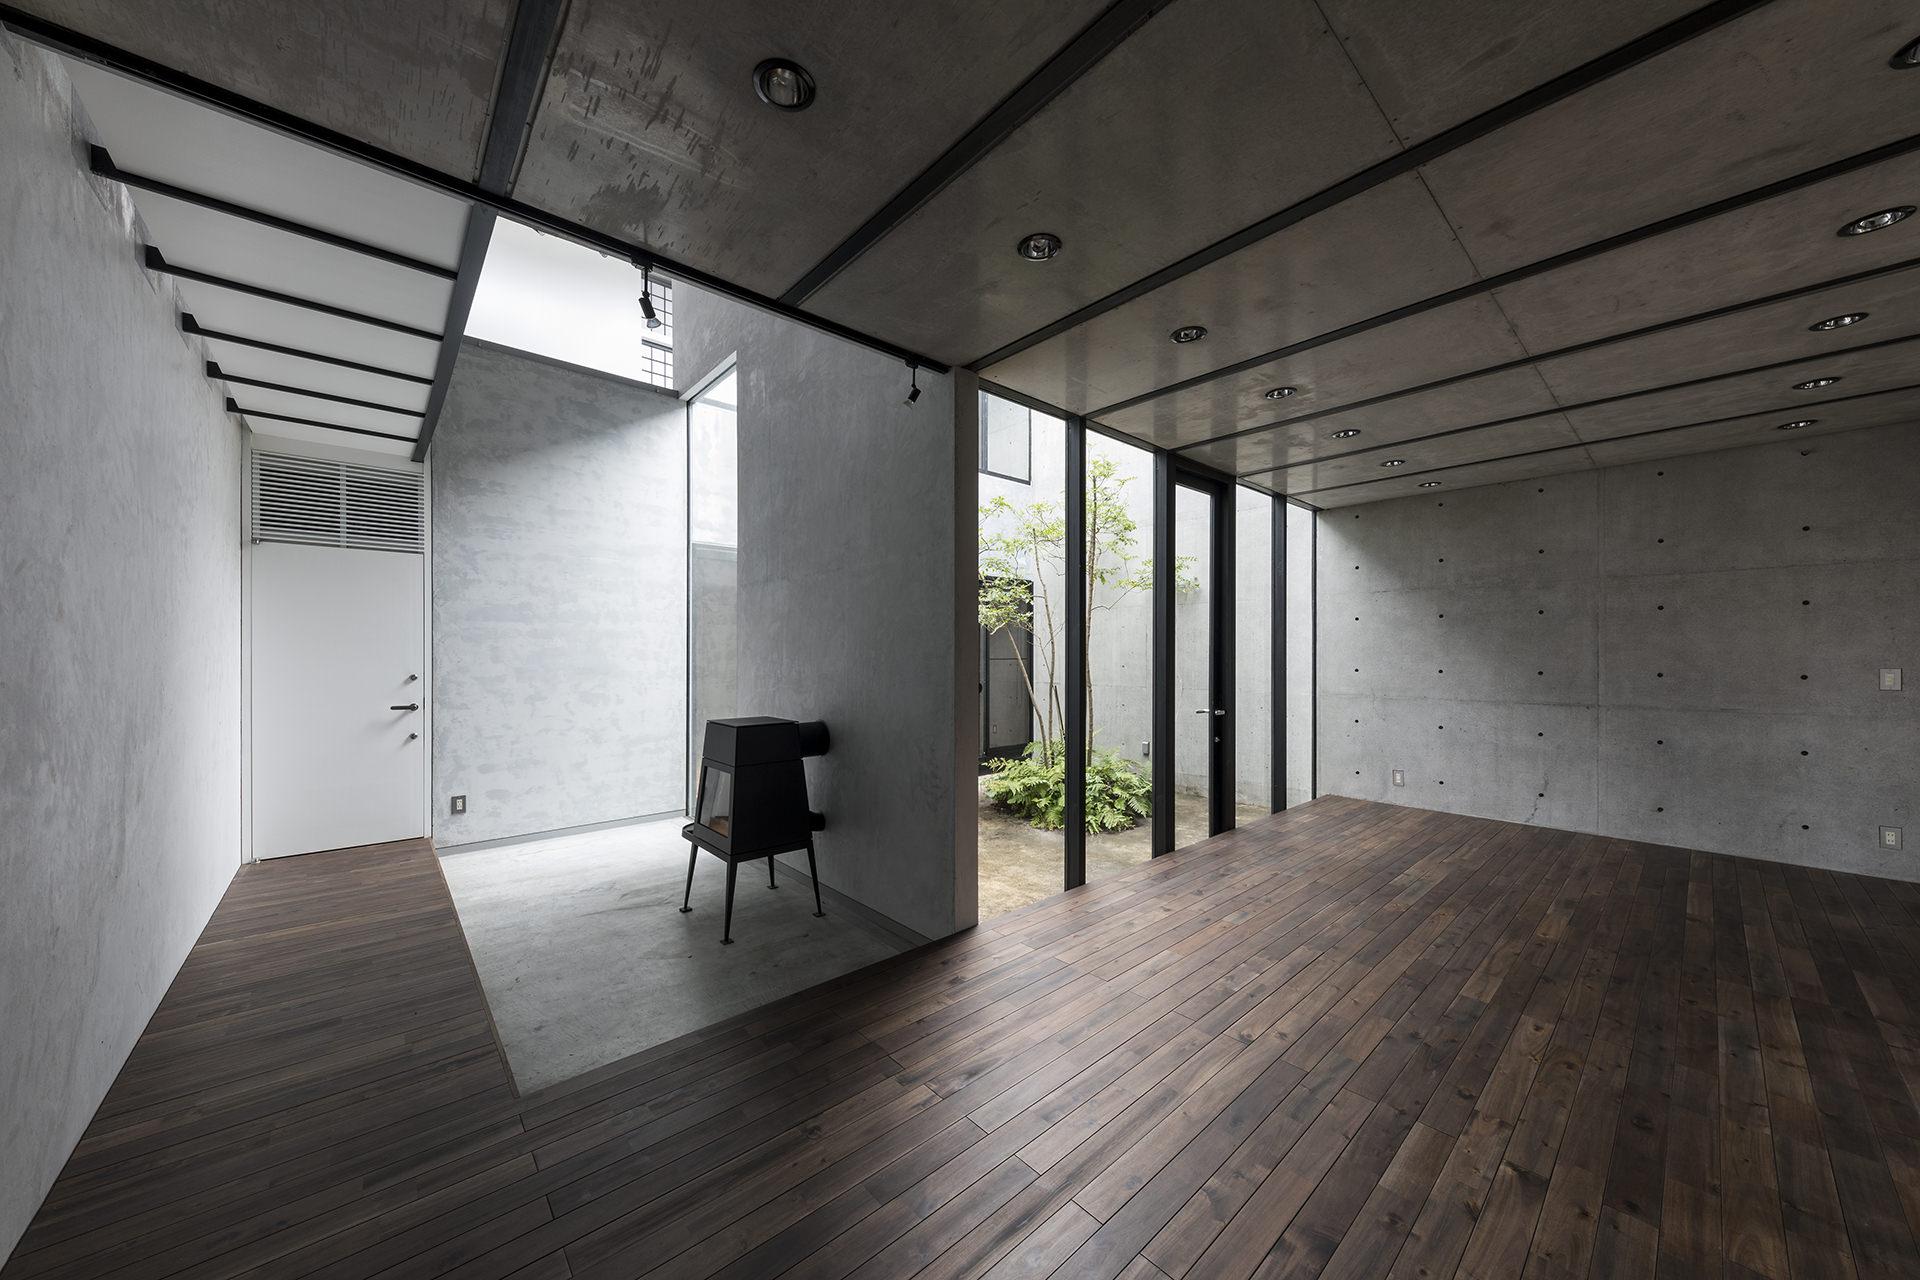 北鎌倉の家 イメージ4 撮影:東涌写真事務所・東涌宏和